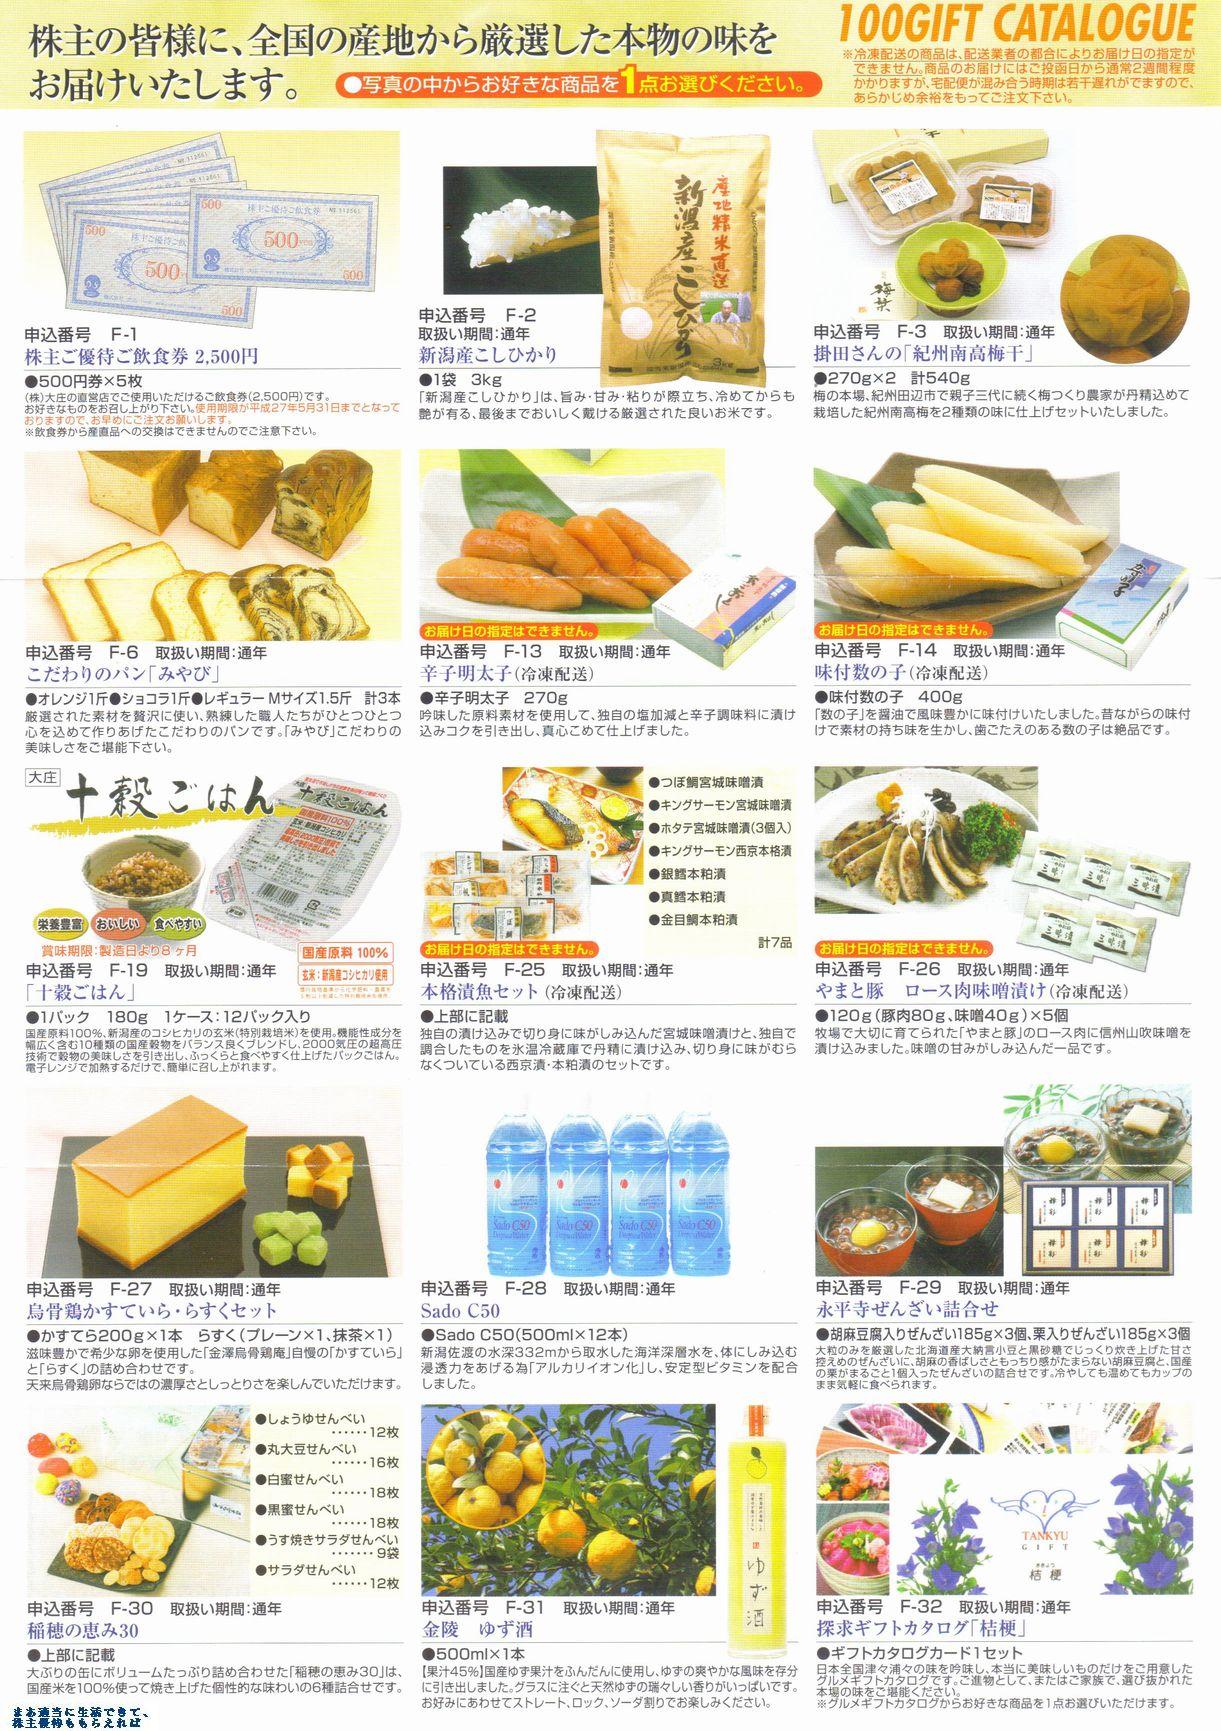 daisho_catalog_201408.jpg